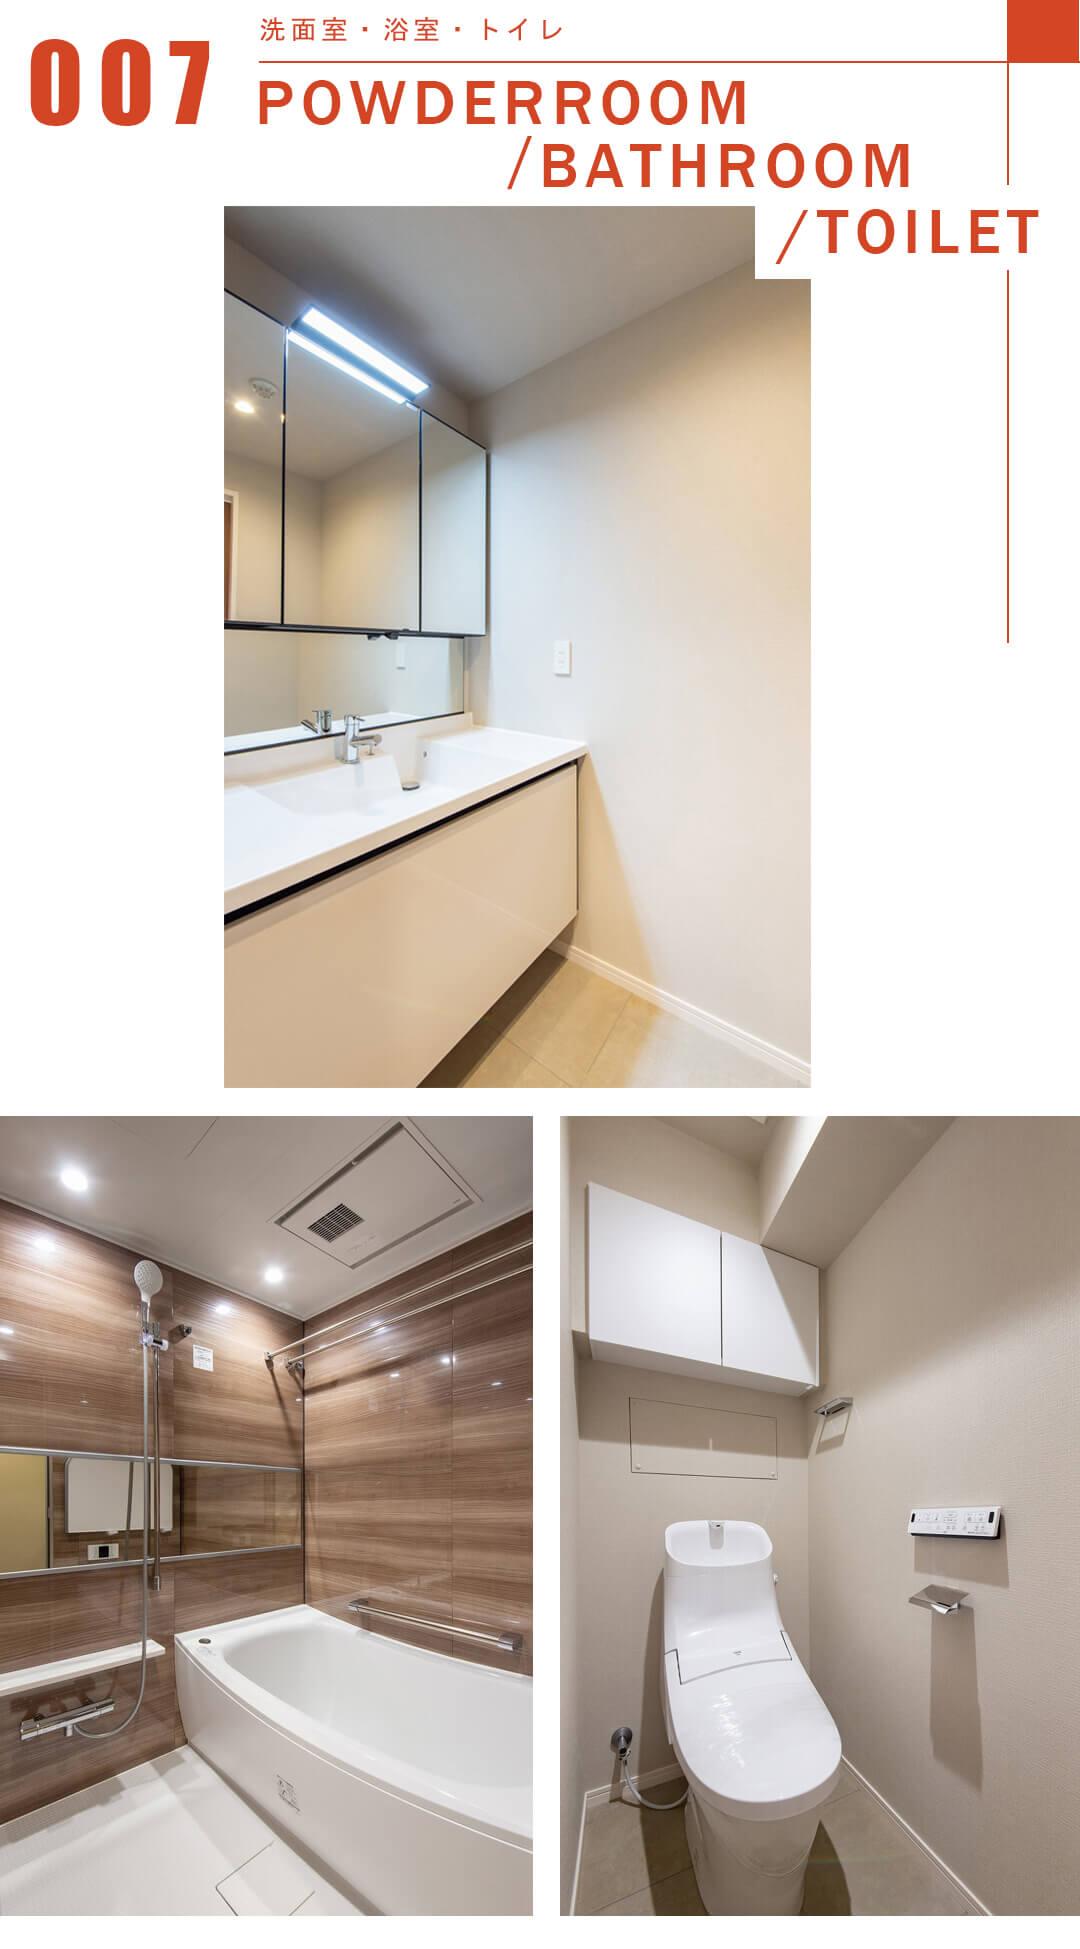 池田山コープの洗面室と浴室とトイレ